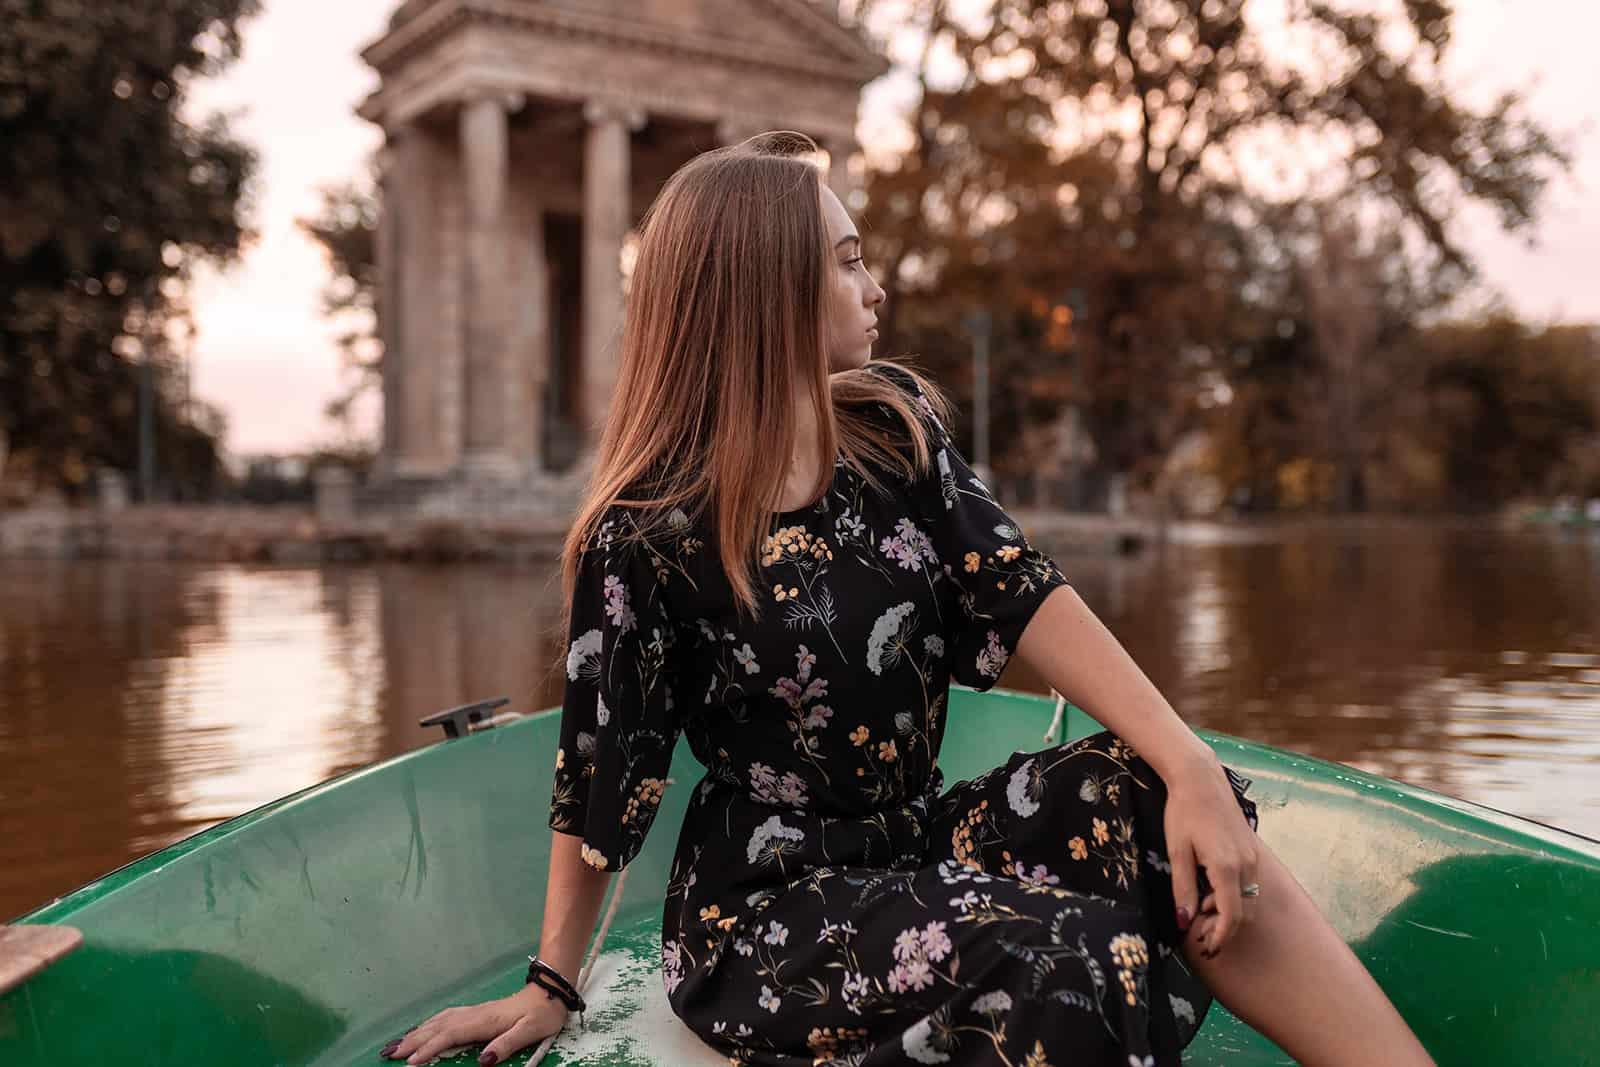 eine Frau, die auf einem Boot sitzt und zur Seite schaut